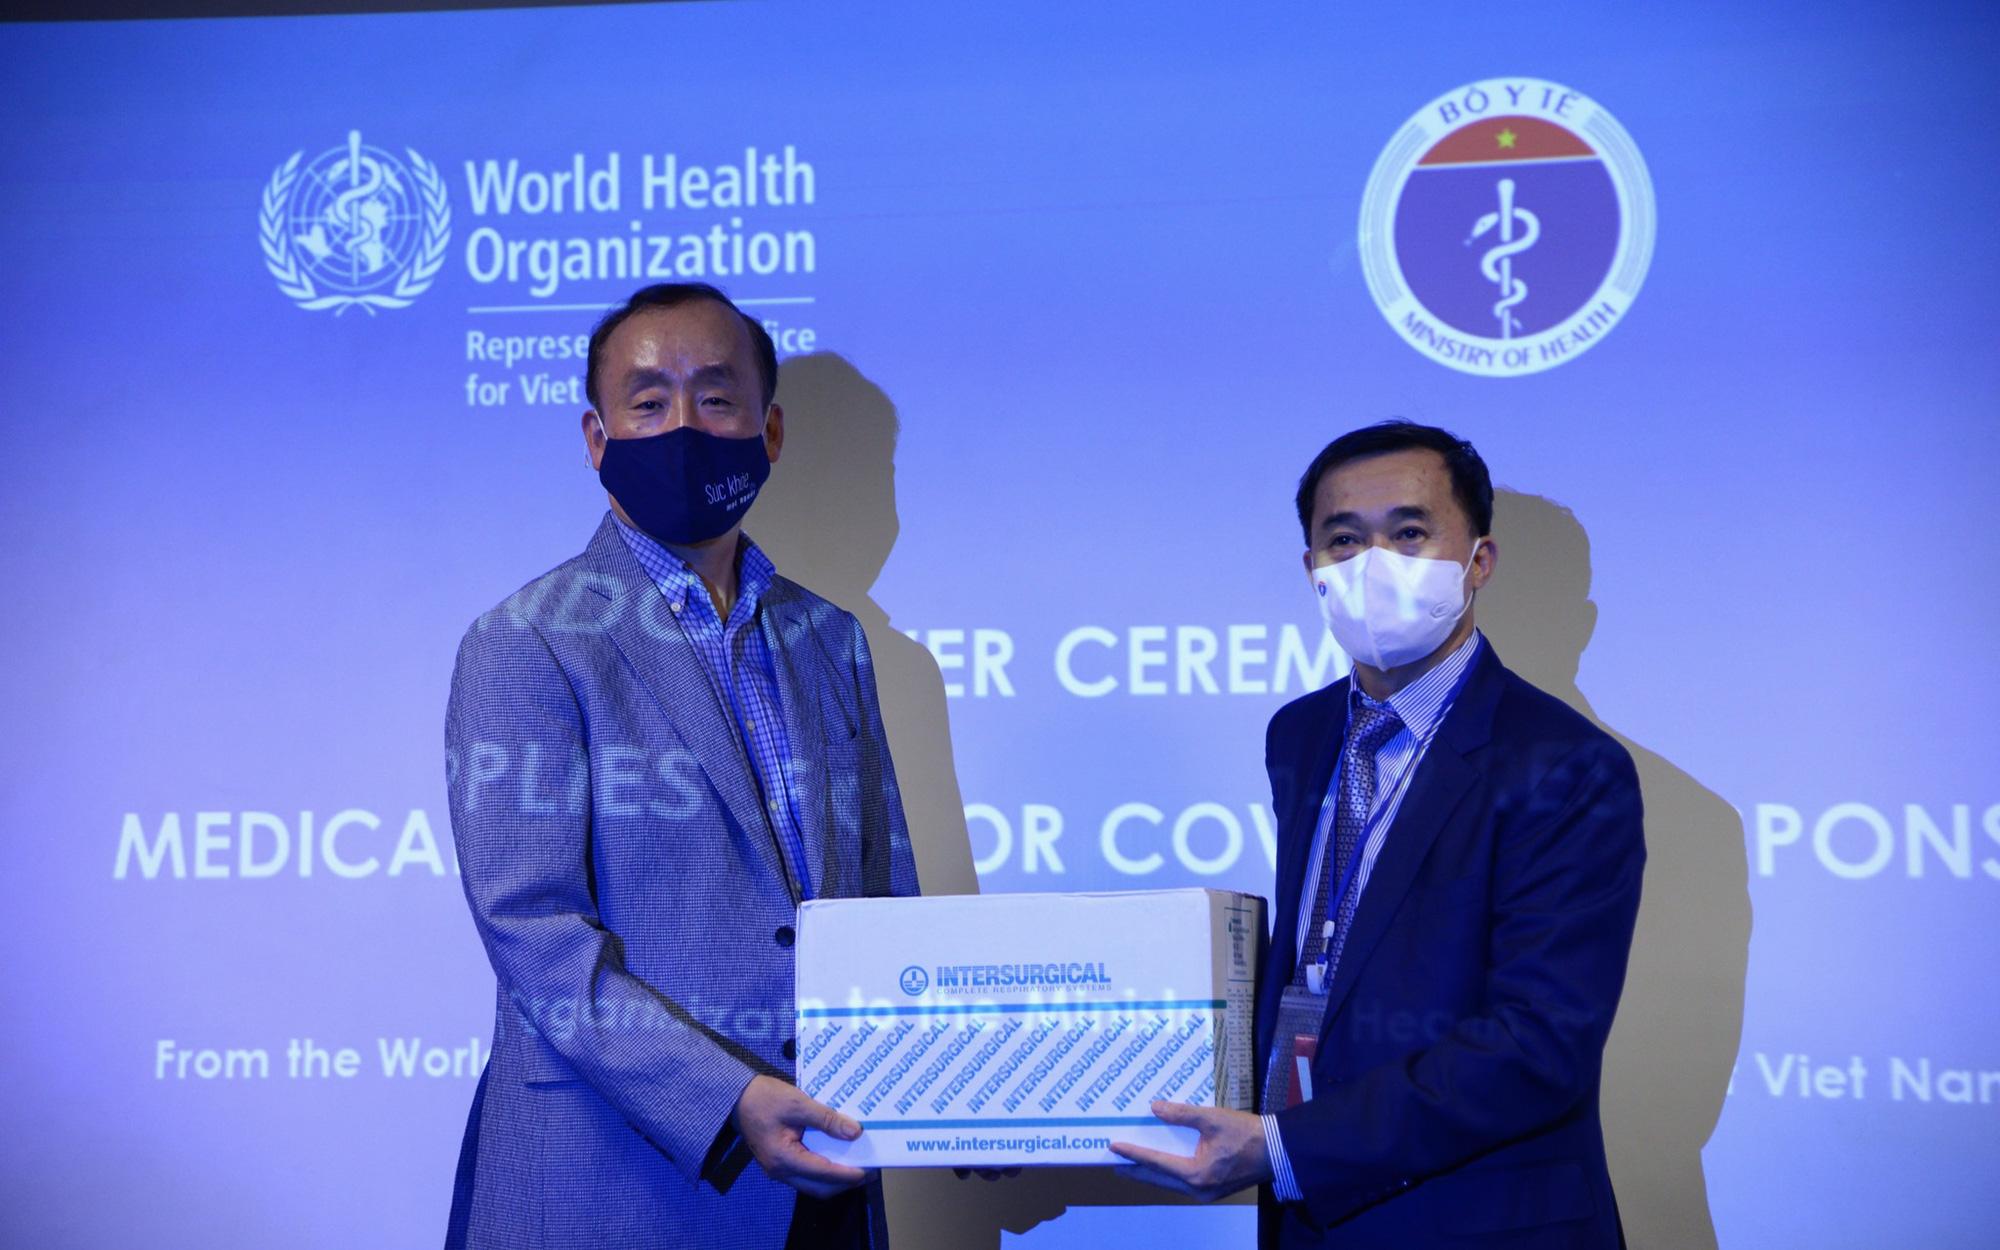 WHO bàn giao lô hàng vật tư y tế cho Bộ Y tế trong khuôn khổ hỗ trợ Chính phủ Việt Nam ứng phó với COVID-19